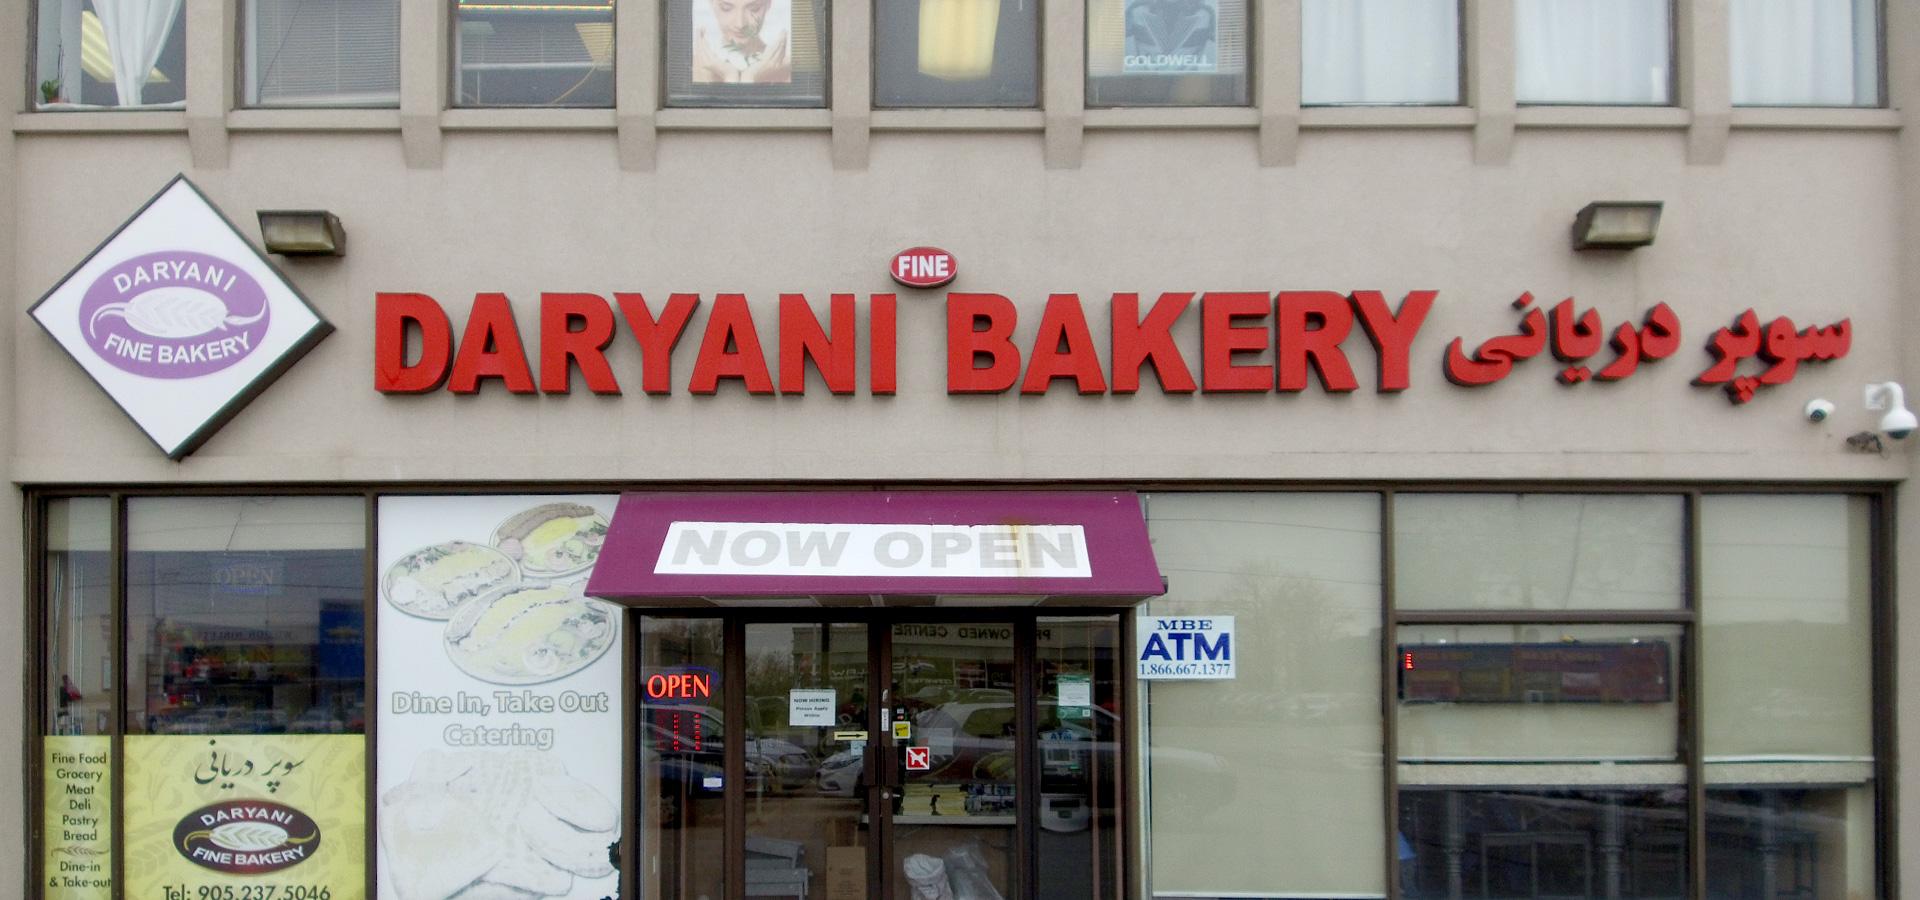 Super Daryani